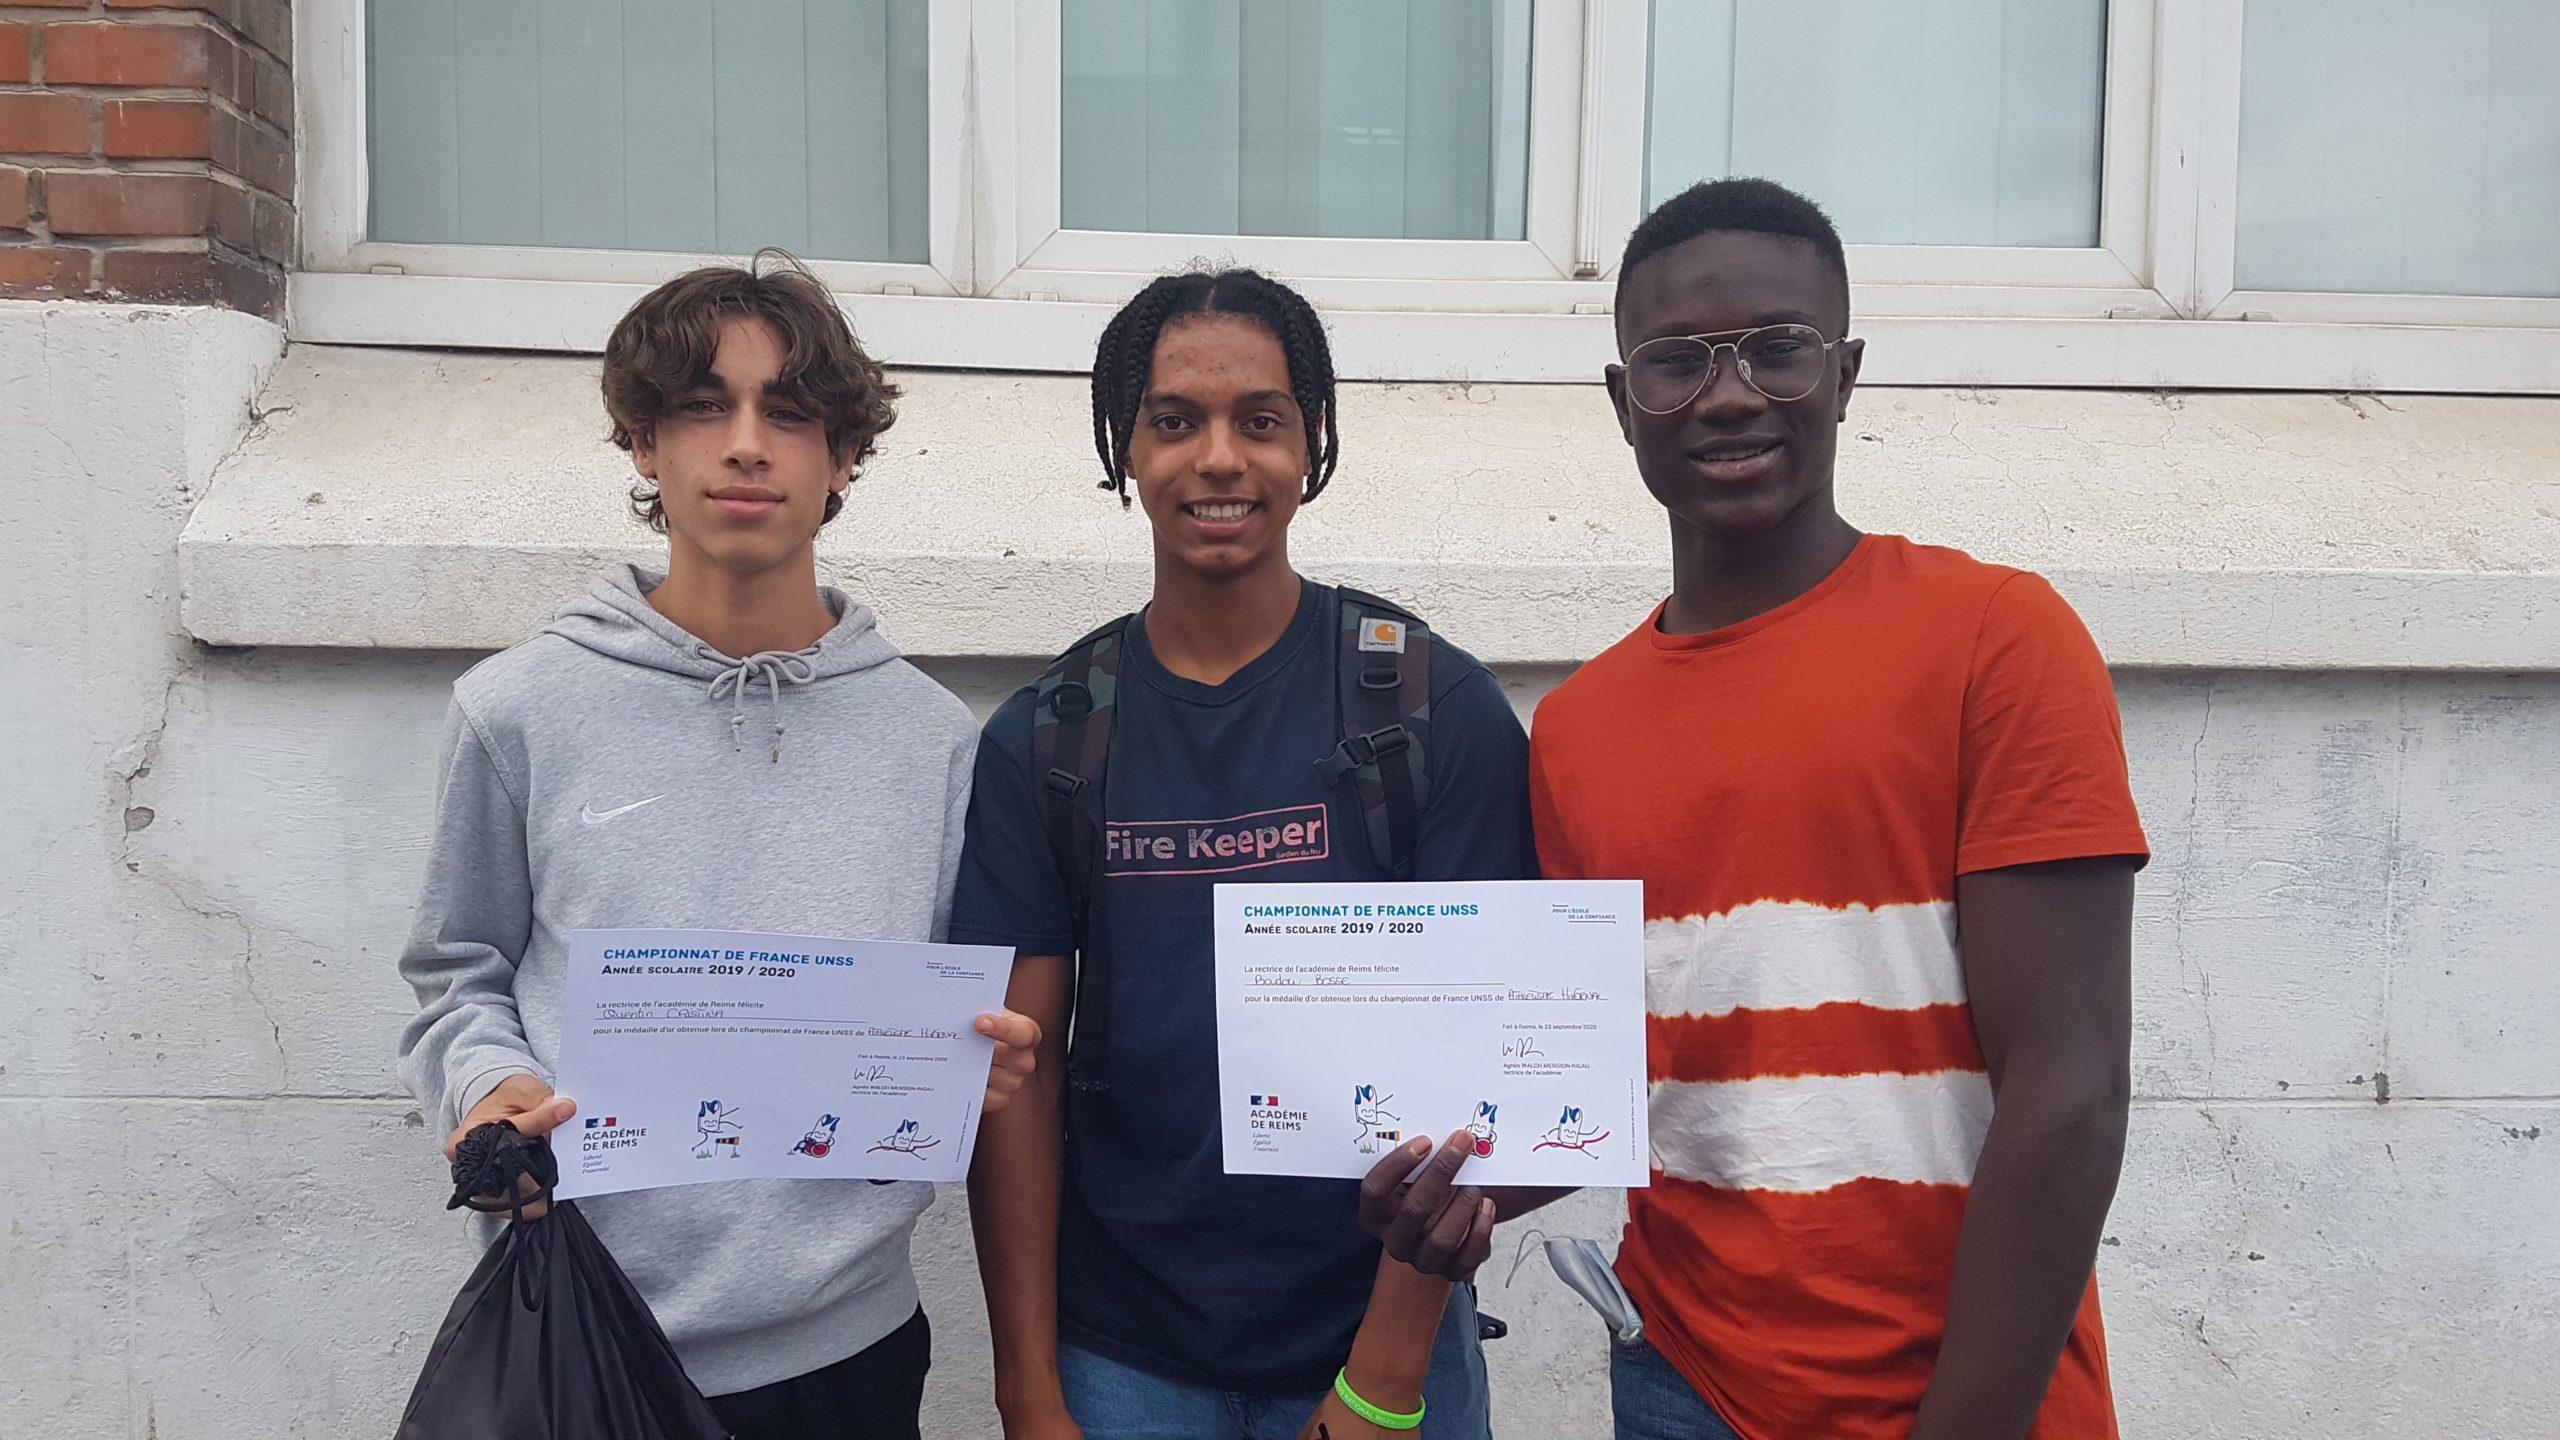 Calendrier Championnat De France Unss 2022 Toute l'actualité sportive du Lycée – Lycée F. Arago